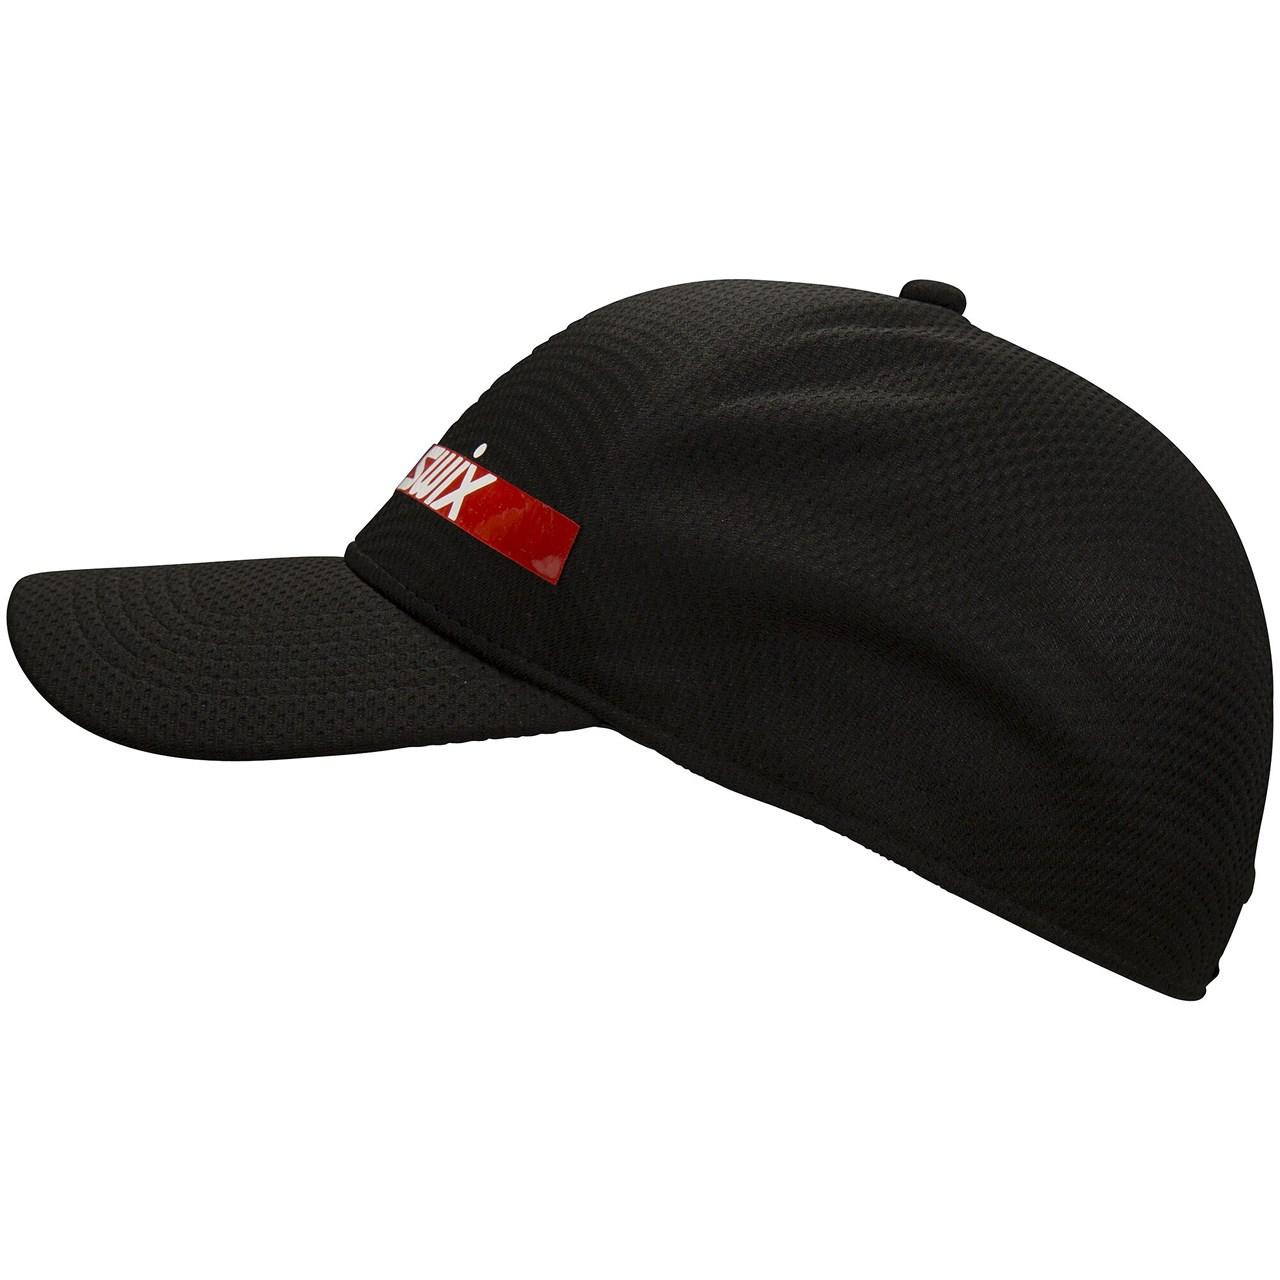 Swix Carbon cap